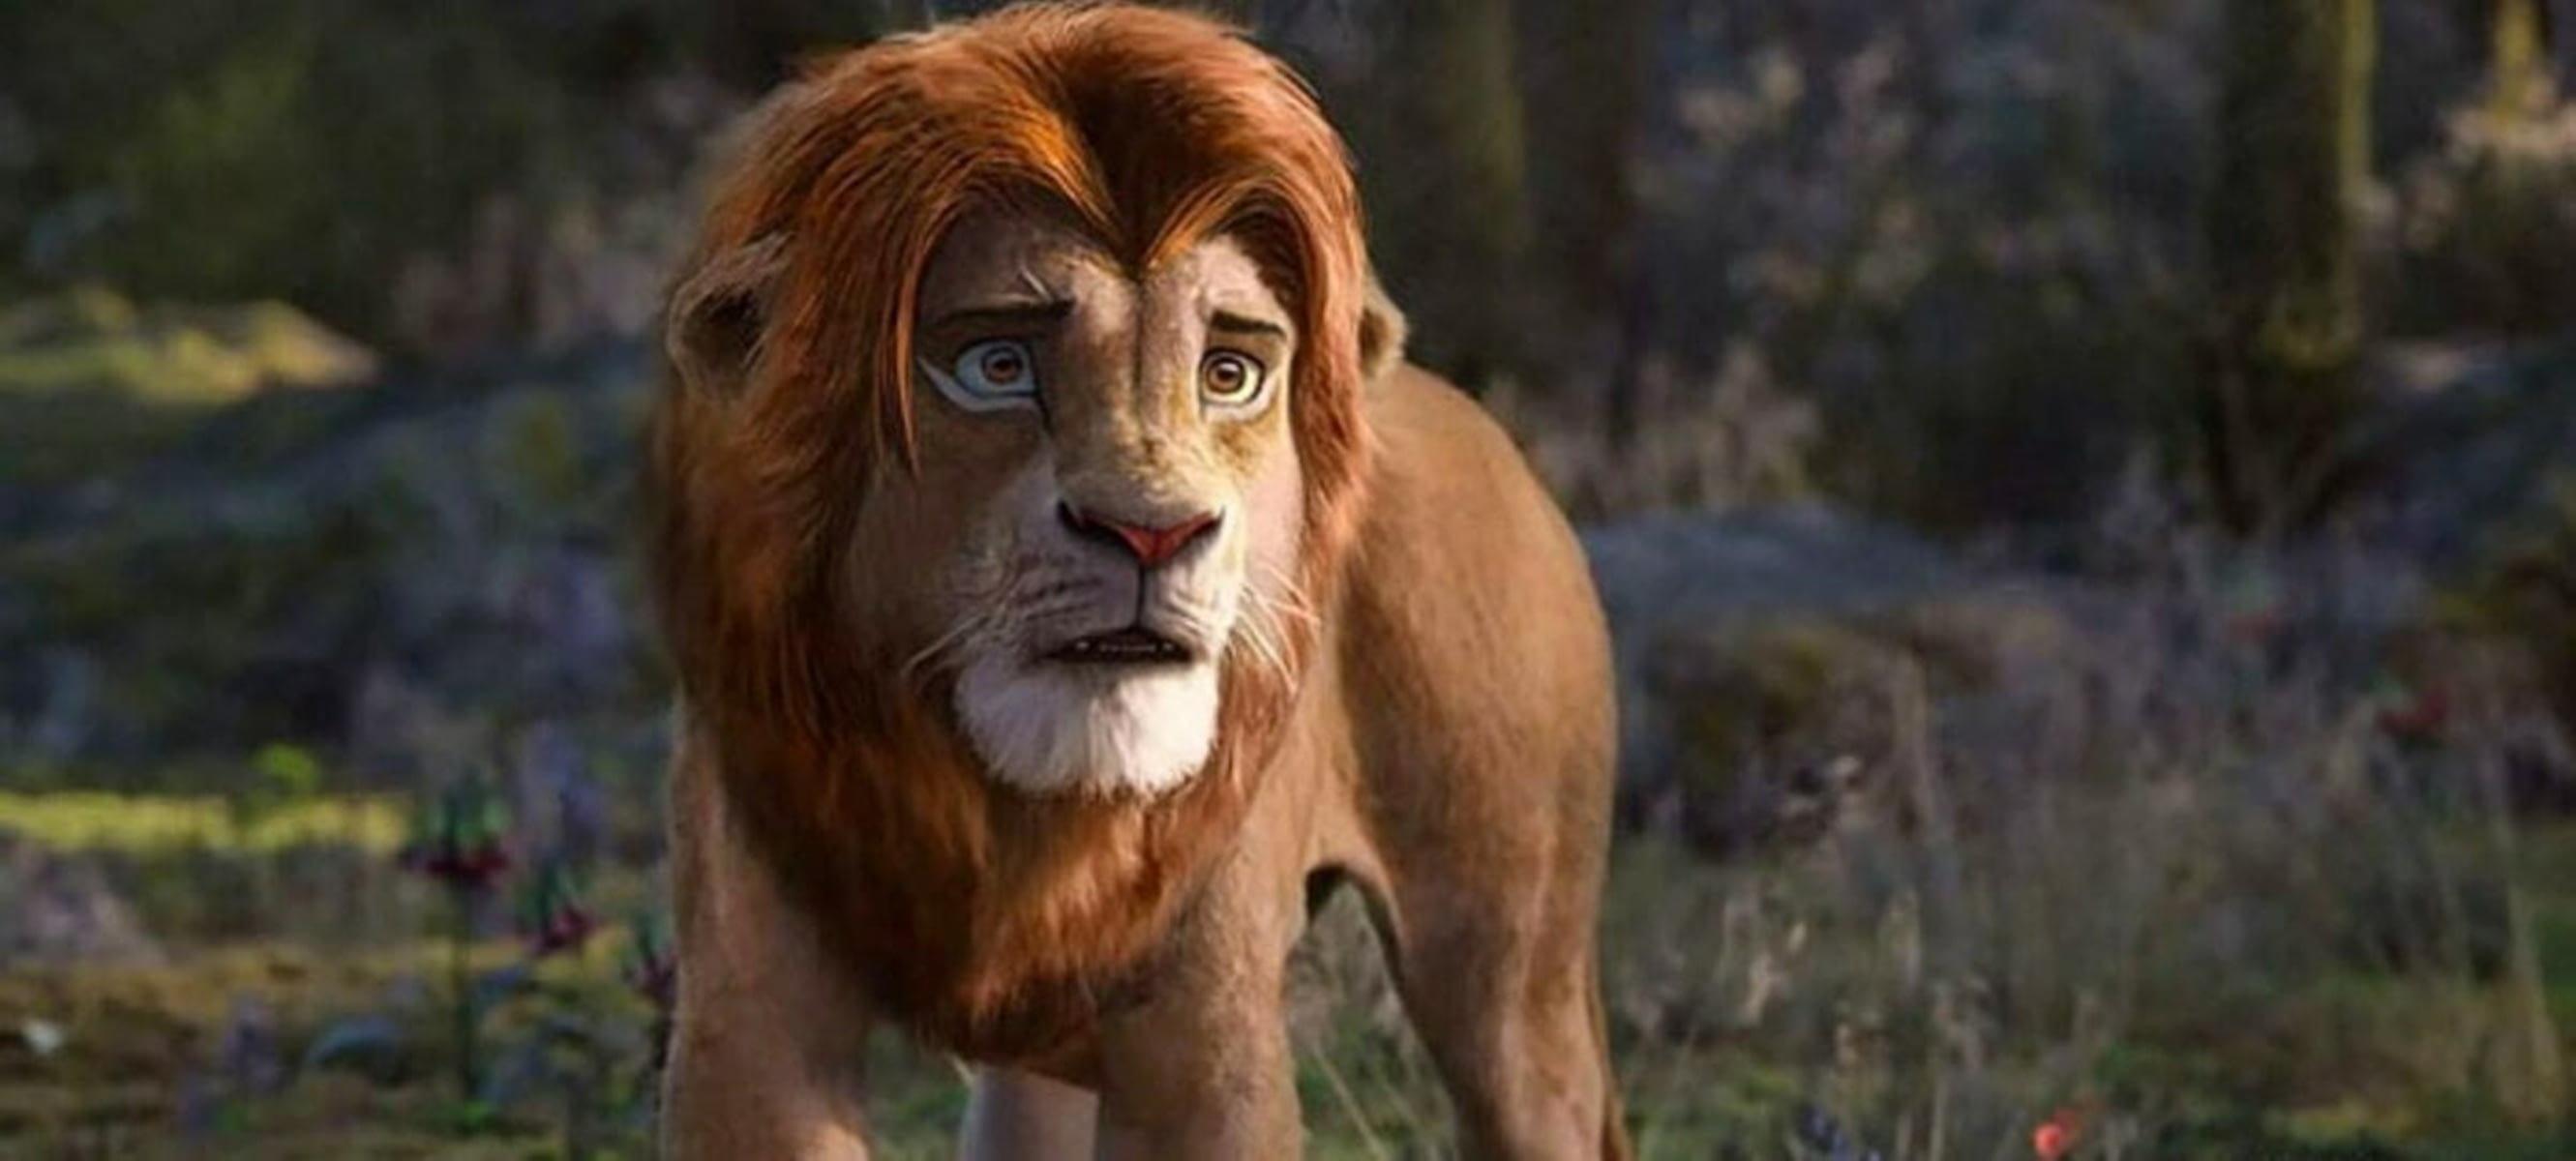 Русский художник сделал фильм Король лев таким, каким его все хотели видеть